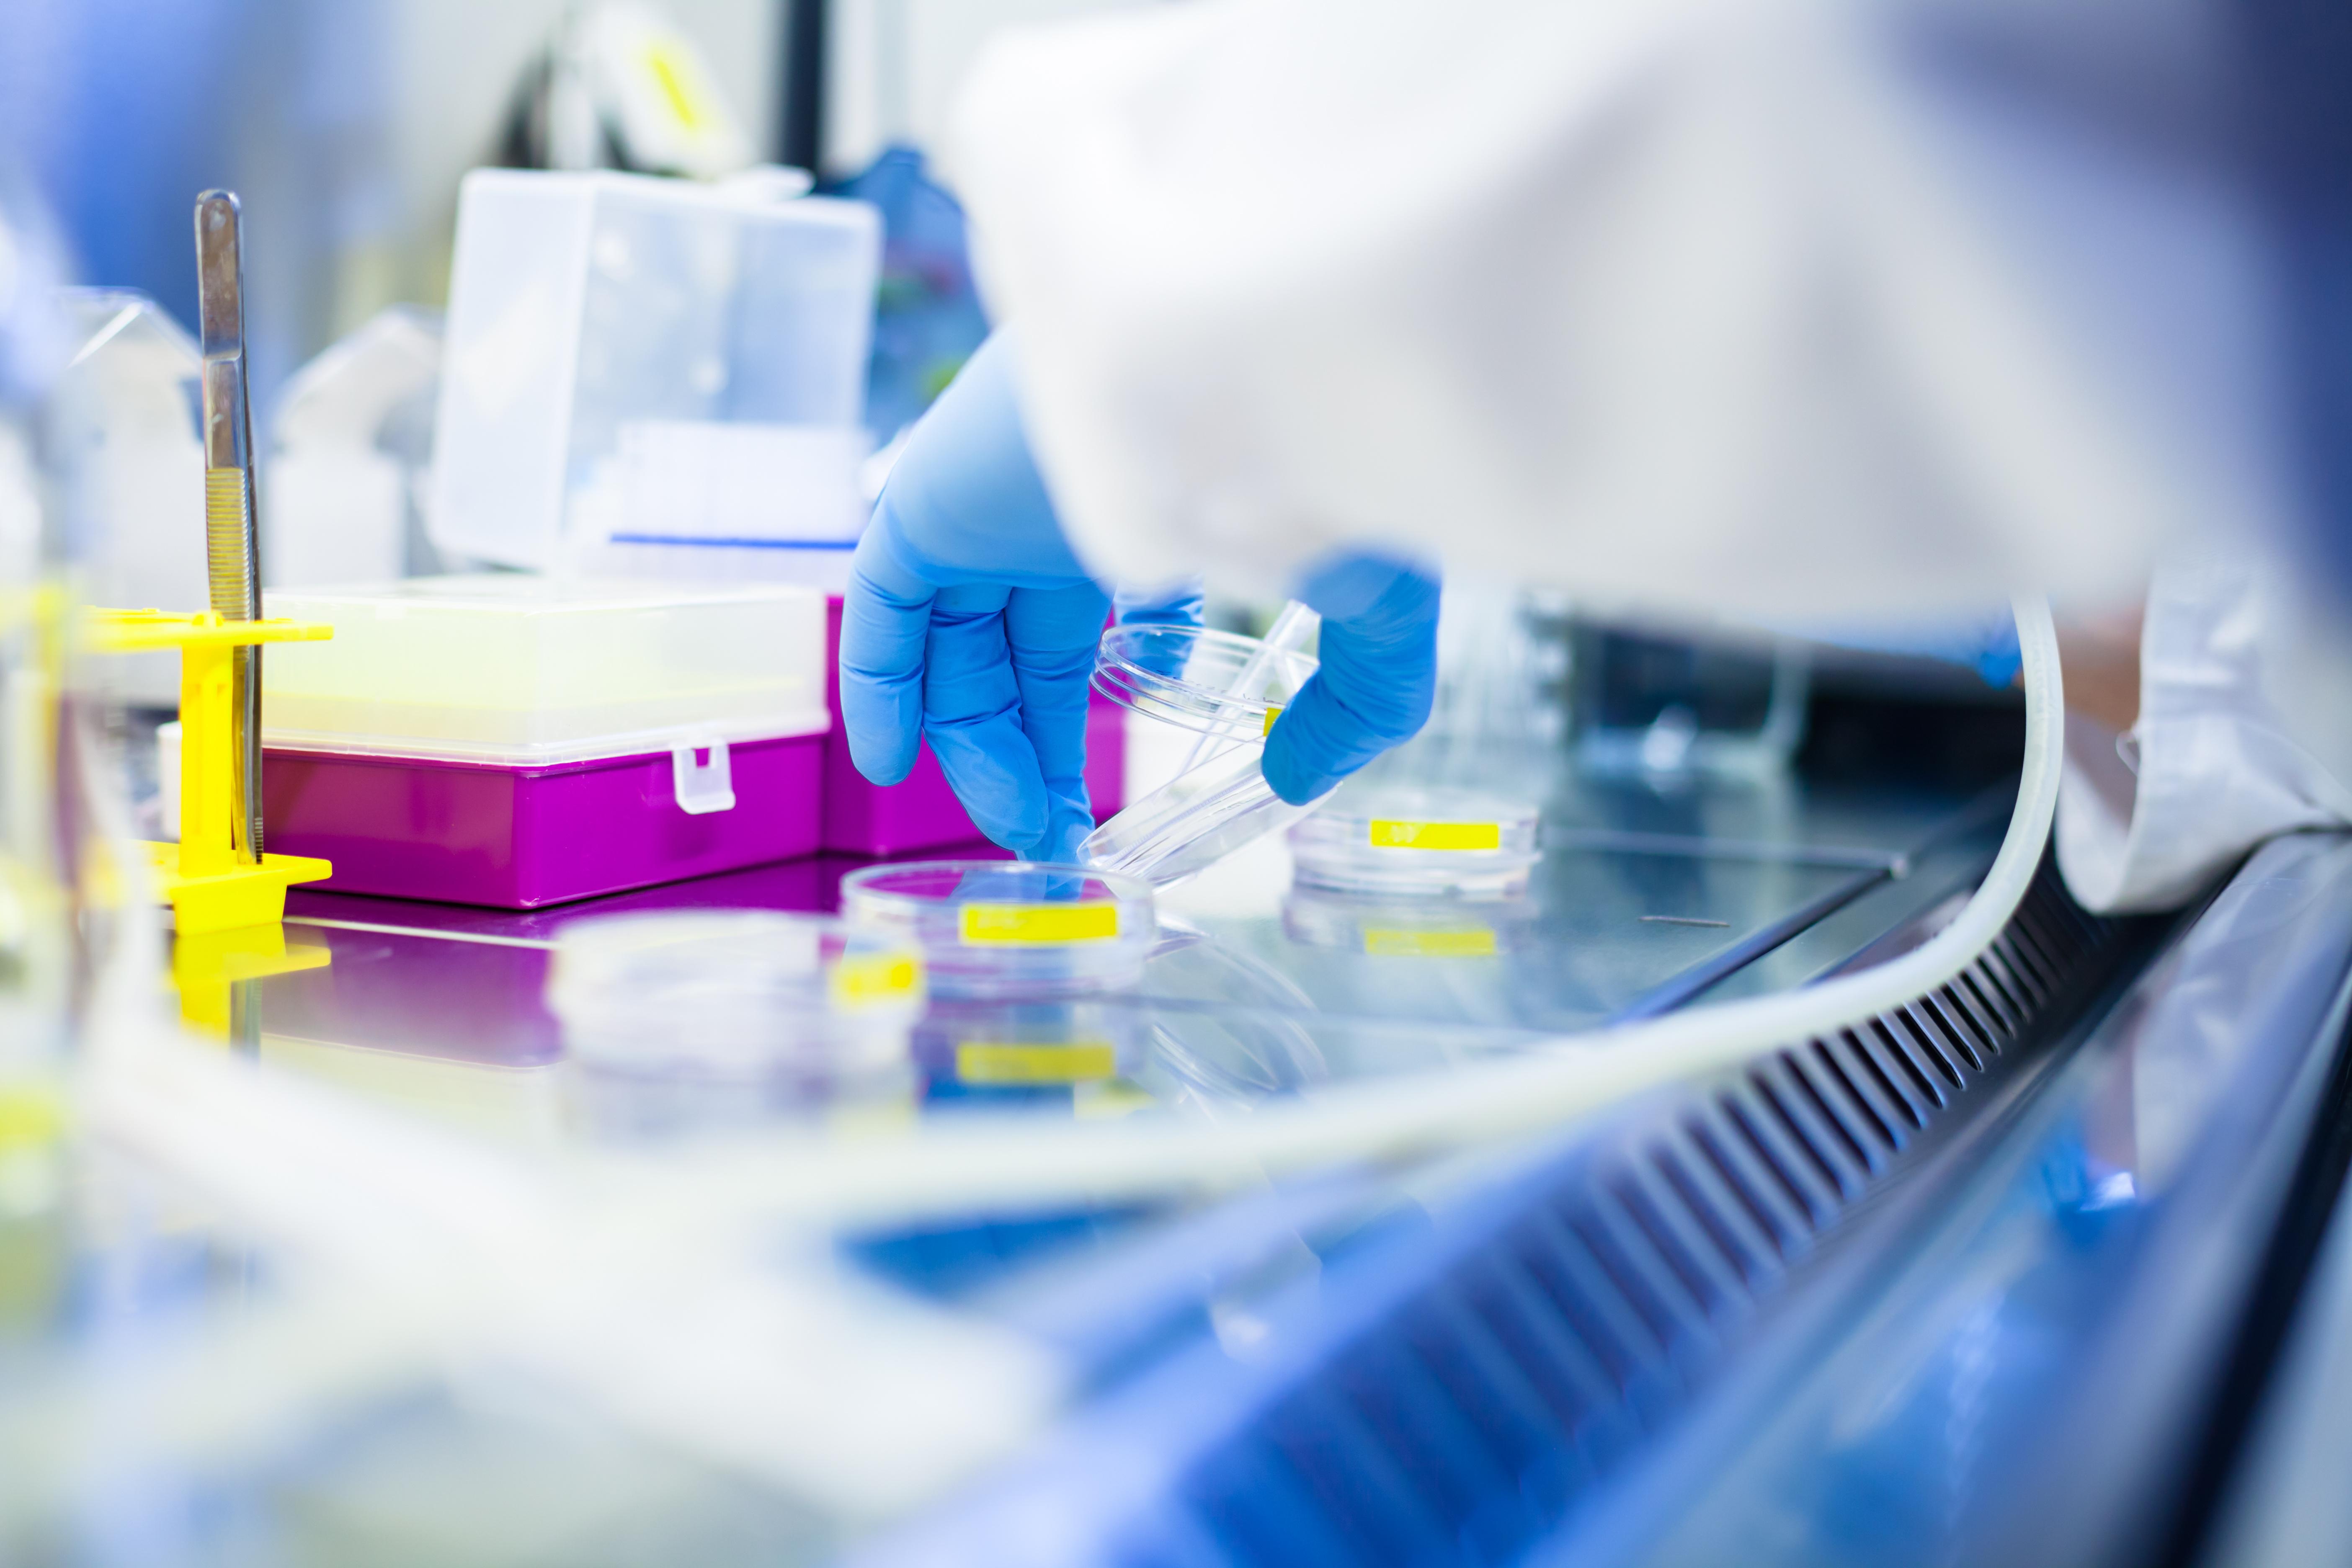 L'agent photothérapeutique, injecté une fois dans une souris modèle de tumeur,  s'accumule correctement autour de la tumeur puis est libéré, en continu, sur une période de 2 à 4 semaines (Visuel Adobe Stock 81147255)